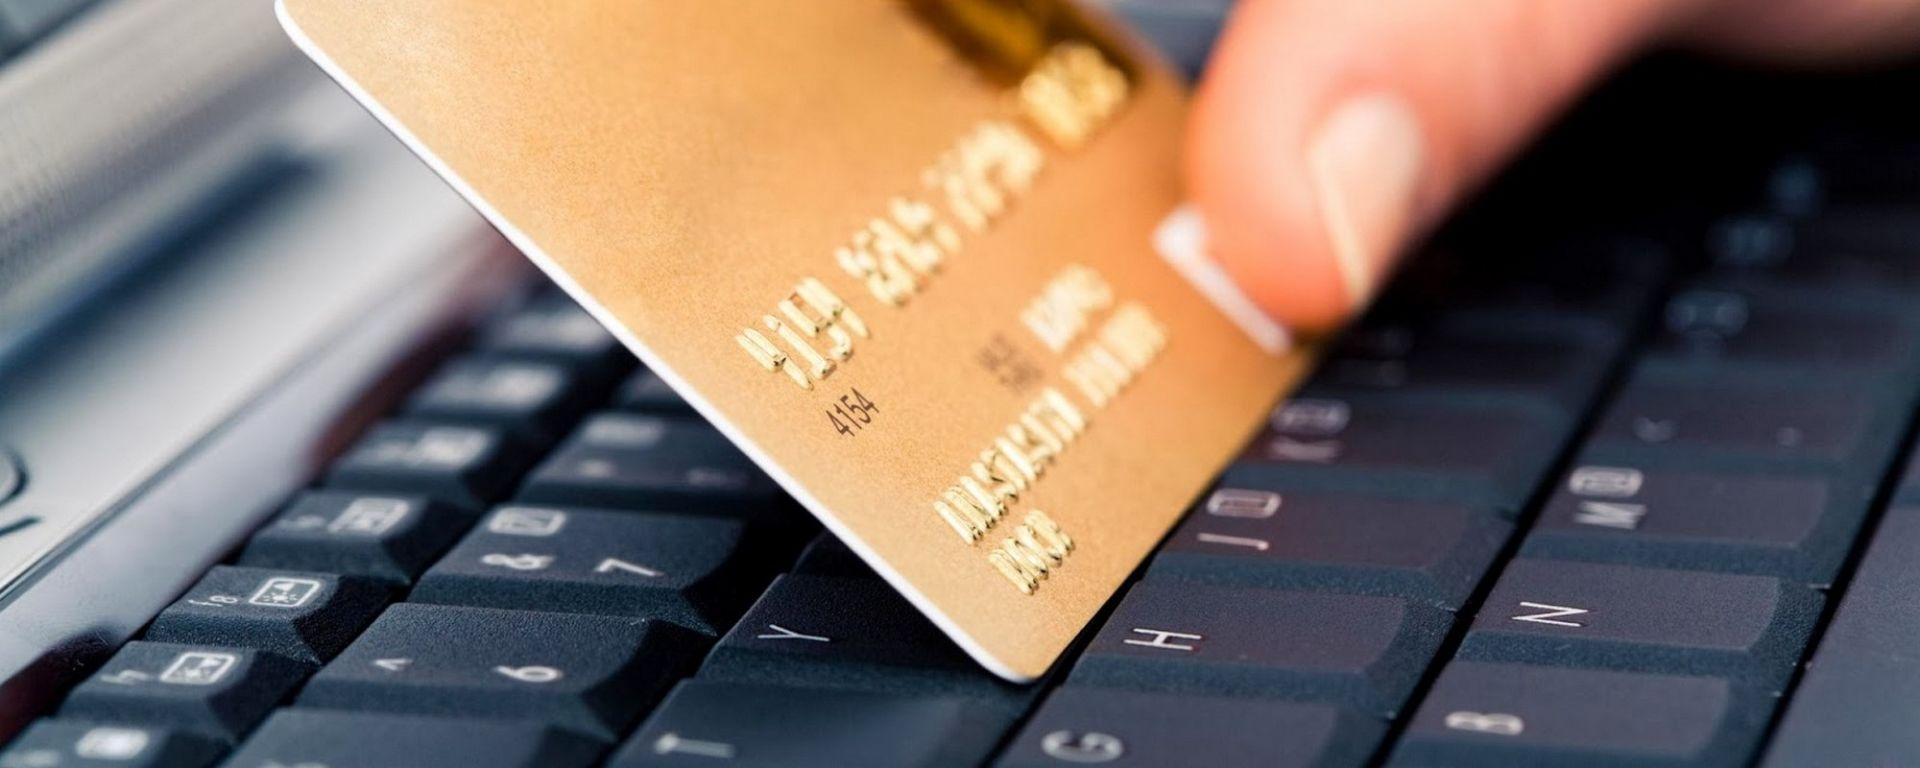 Acquistare accessori auto online: evitare le truffe si può